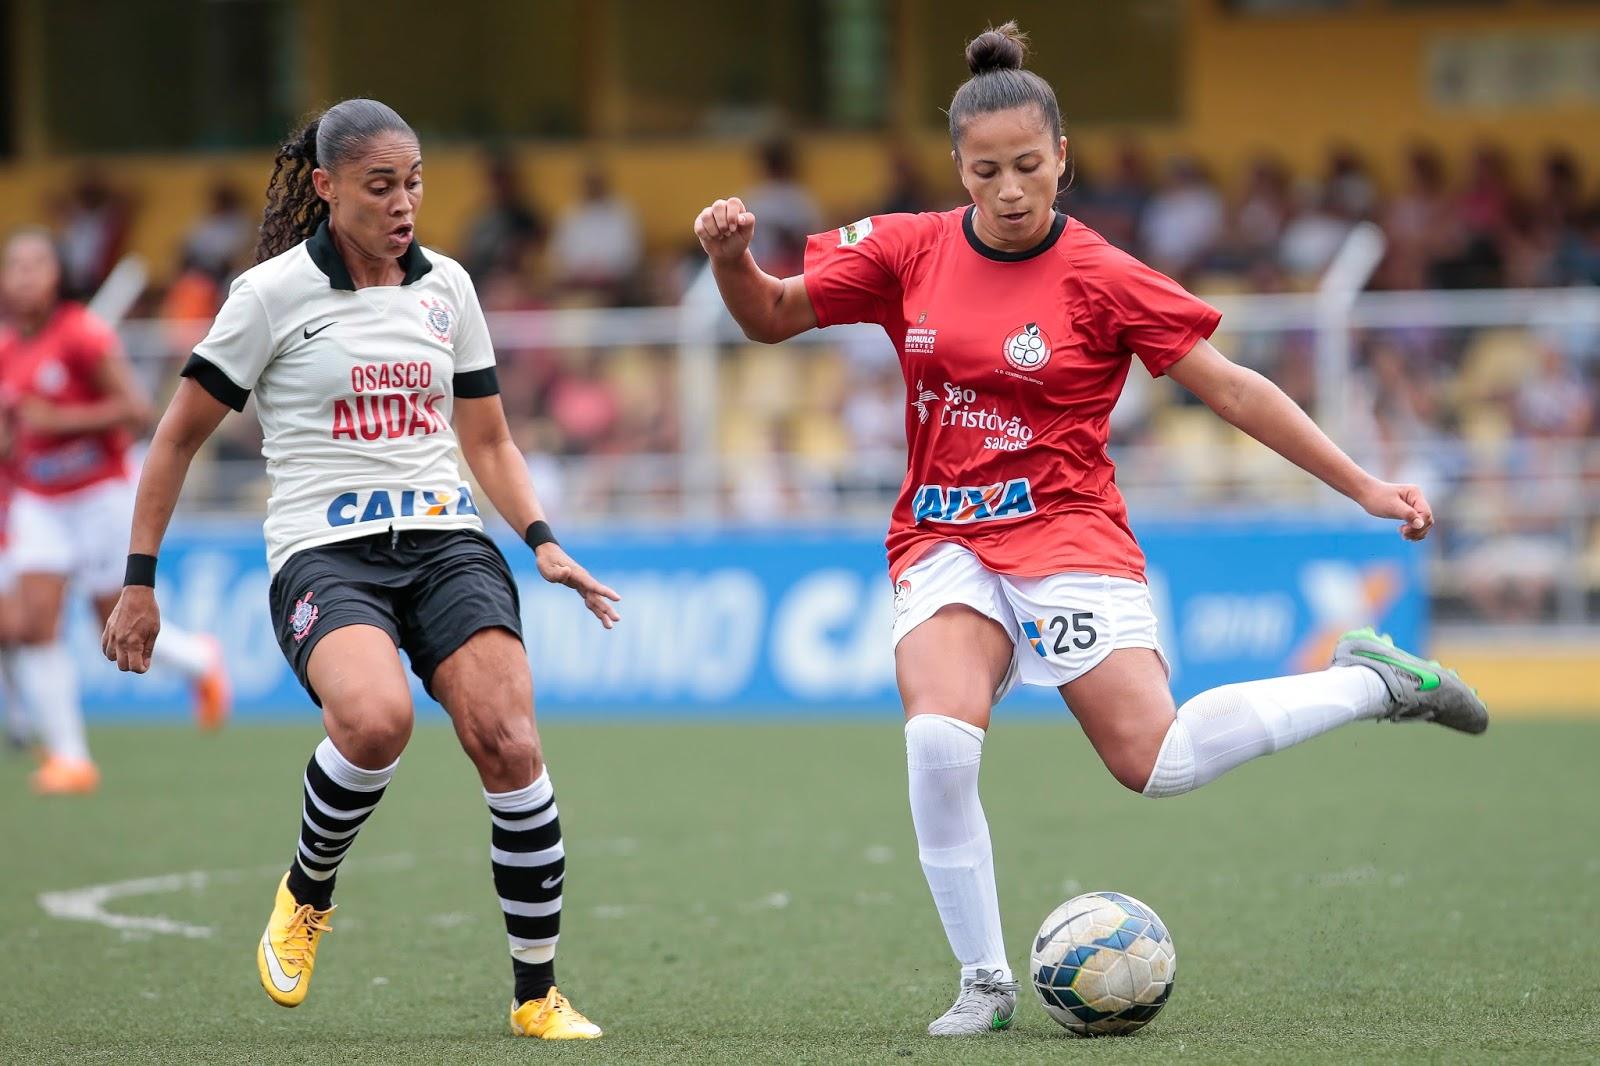 Adeco SP e S.C. Corinthians Paulista empatam na 3ª rodada do Brasileiro  Feminino 57b4bb8c60